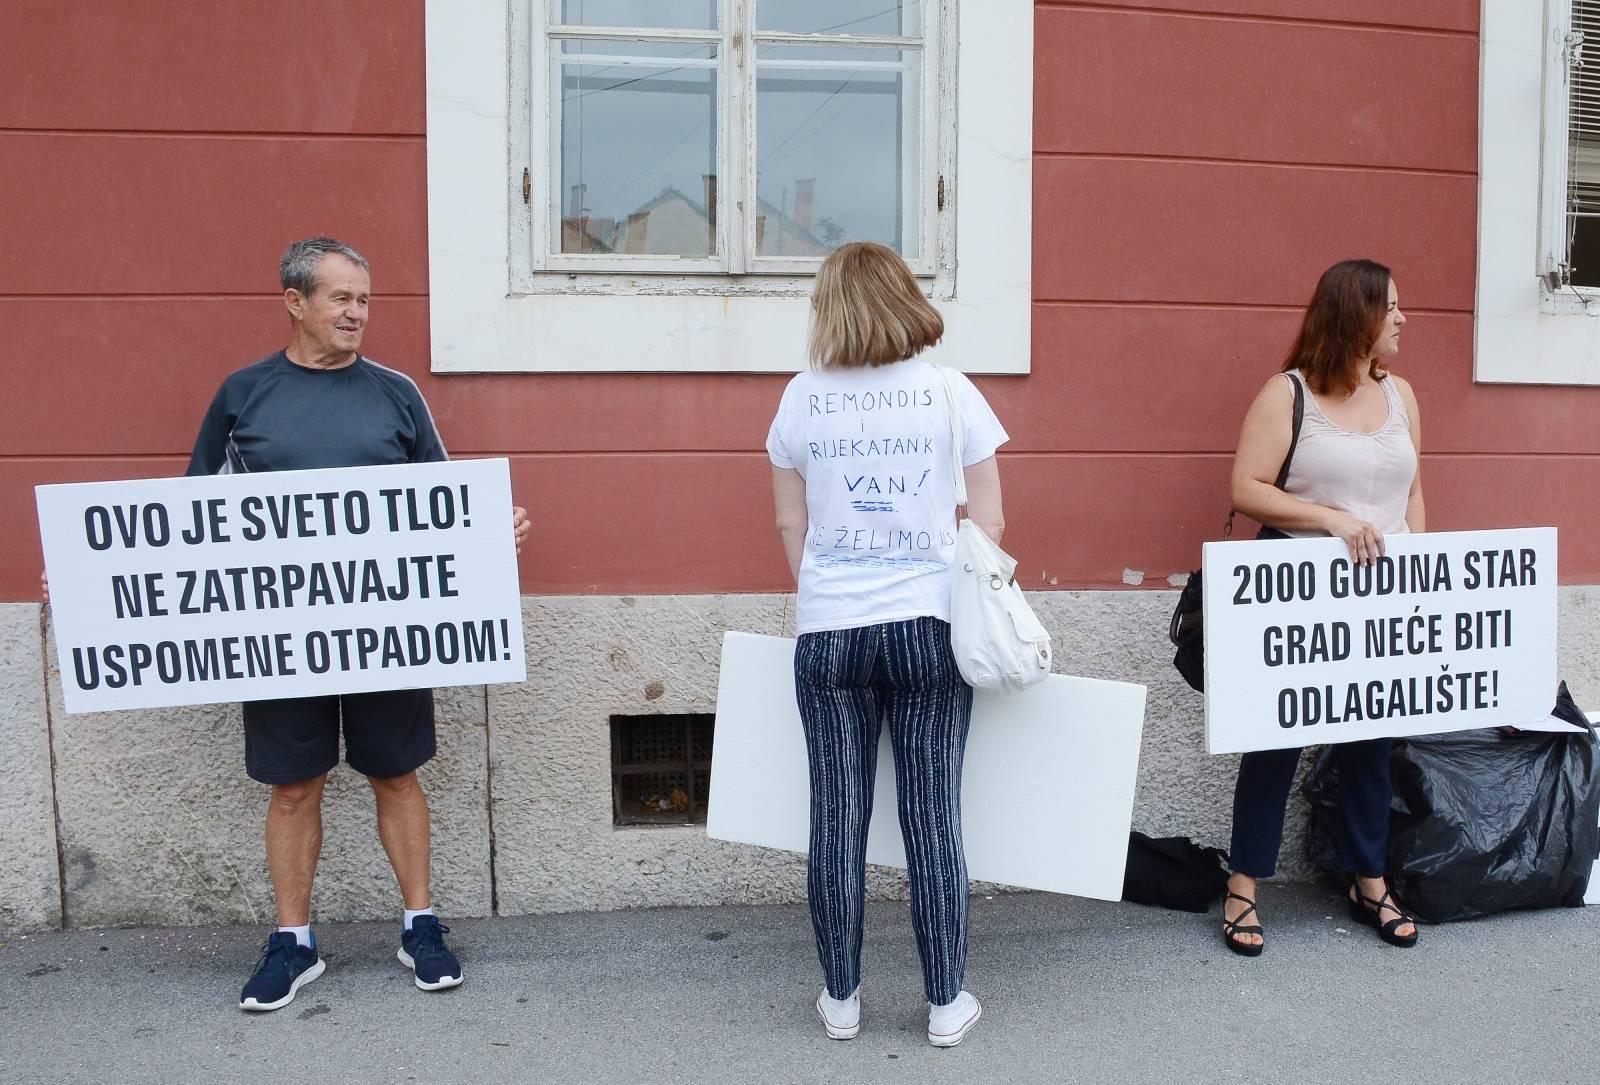 Sišèani prosvjeduju protiv pogona za obradu opasnog otpada koji æe se preseliti iz Rijeke